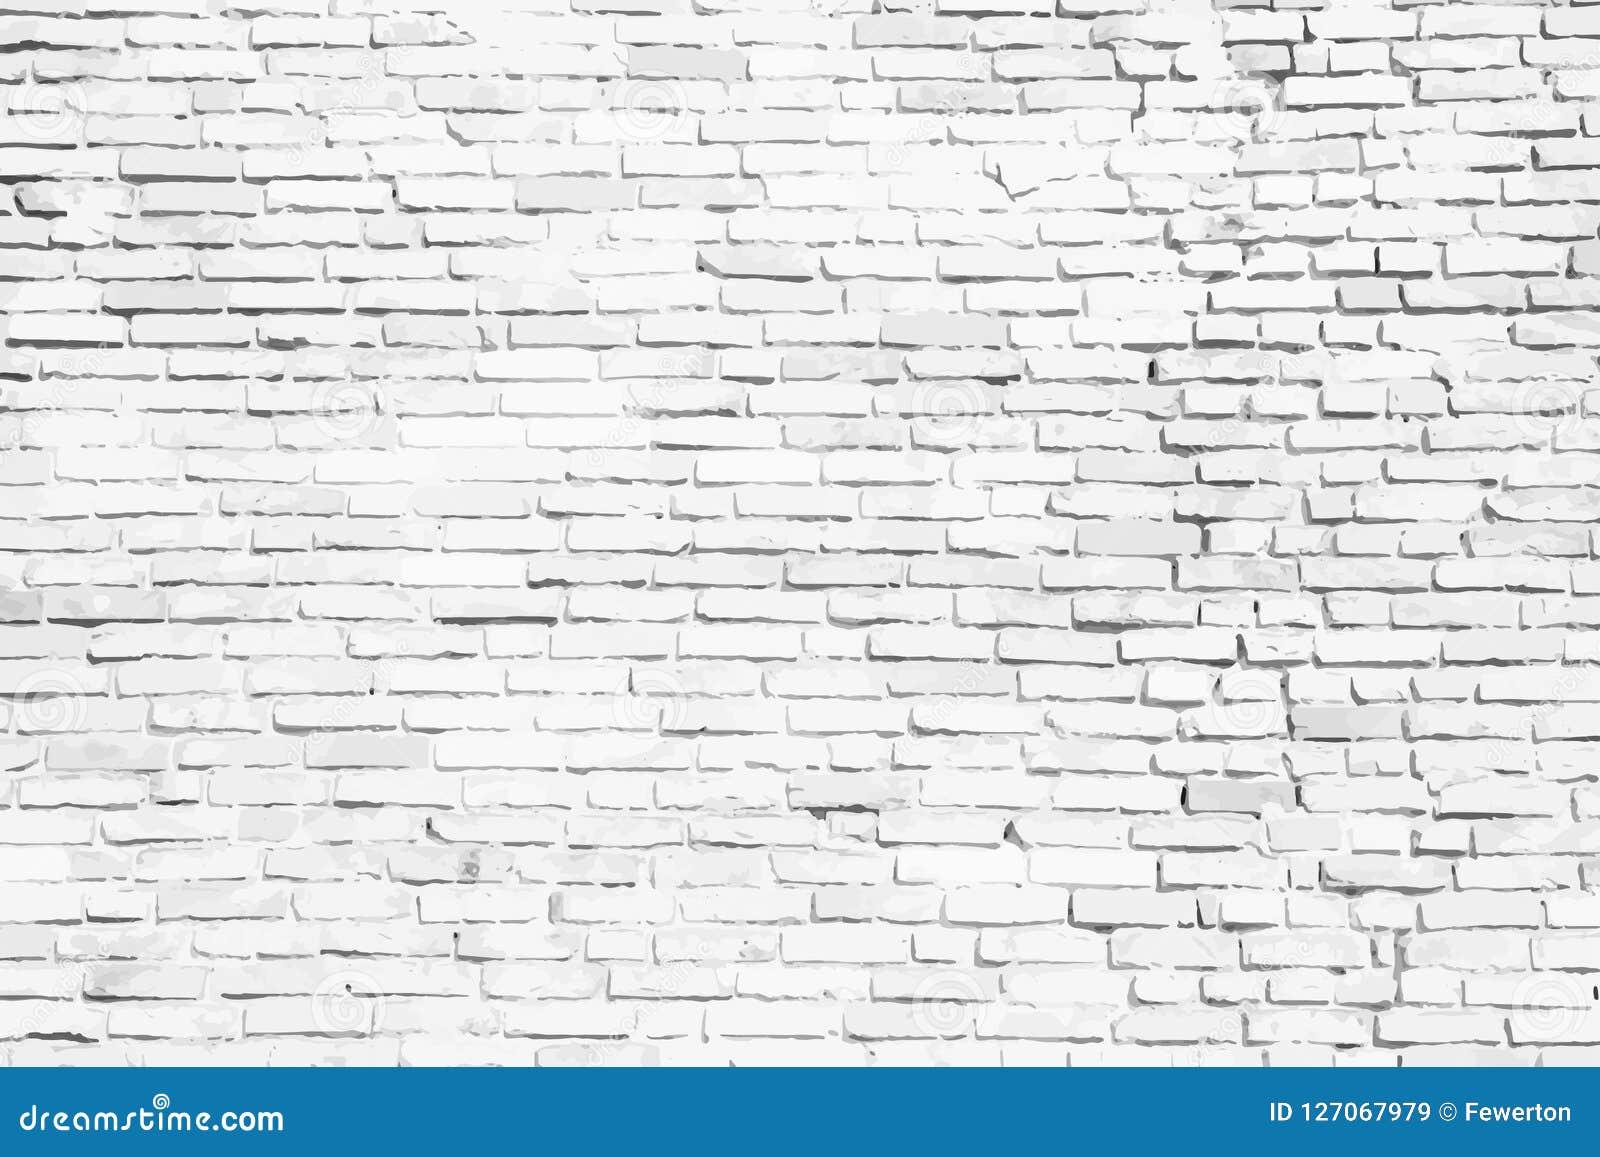 Mur de briques blanc et gris simple en tant que fond extérieur sans couture de texture de modèle comme illustration de vecteur